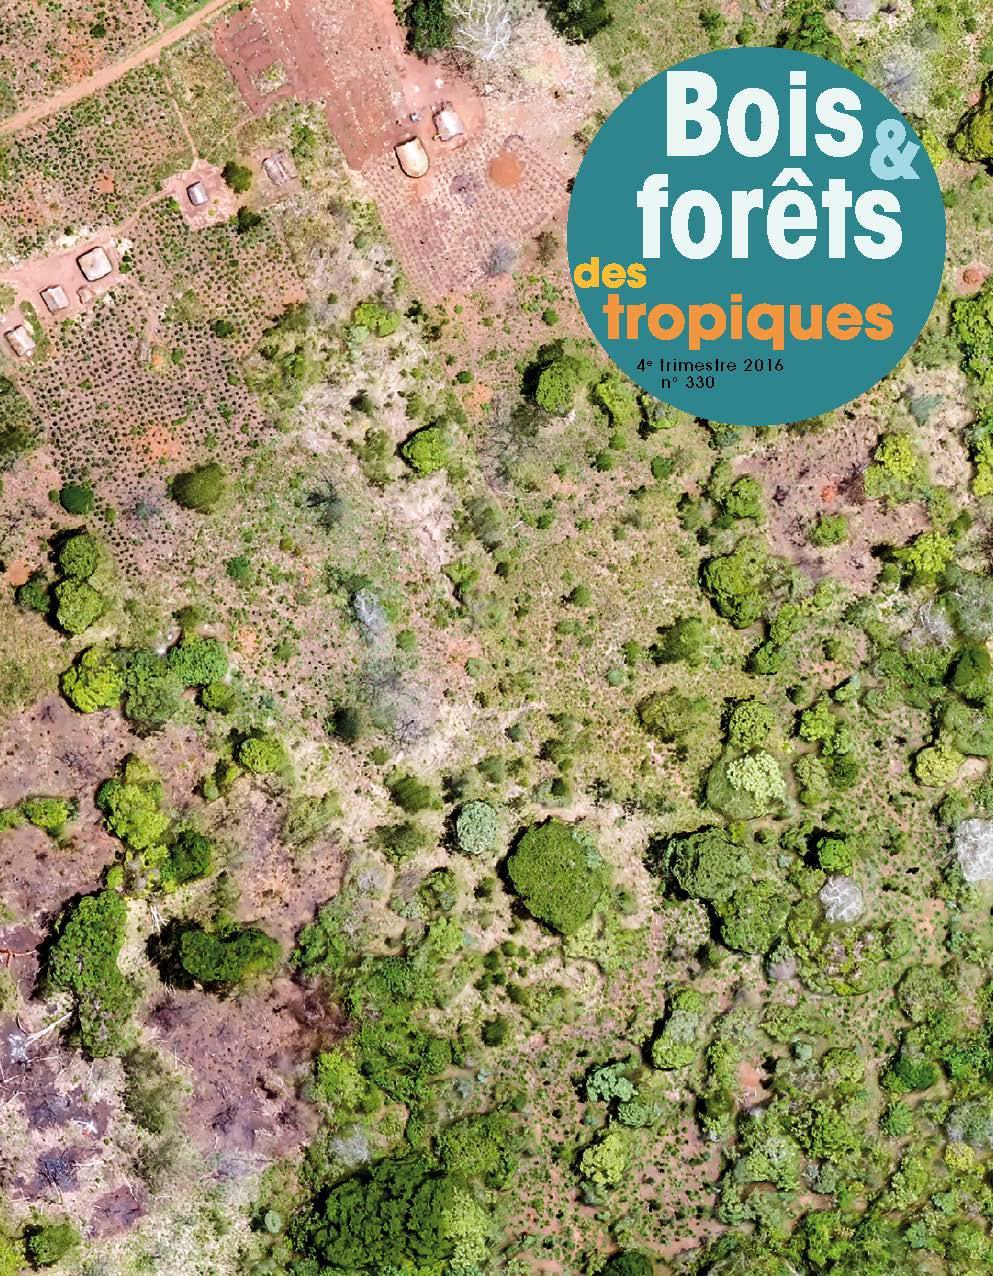 Bois et For u00eats des Tropiques n u00b0330 Actualités Unité de recherche Cirad For u00eats et sociétés # Fiscalité Bois Et Forêts